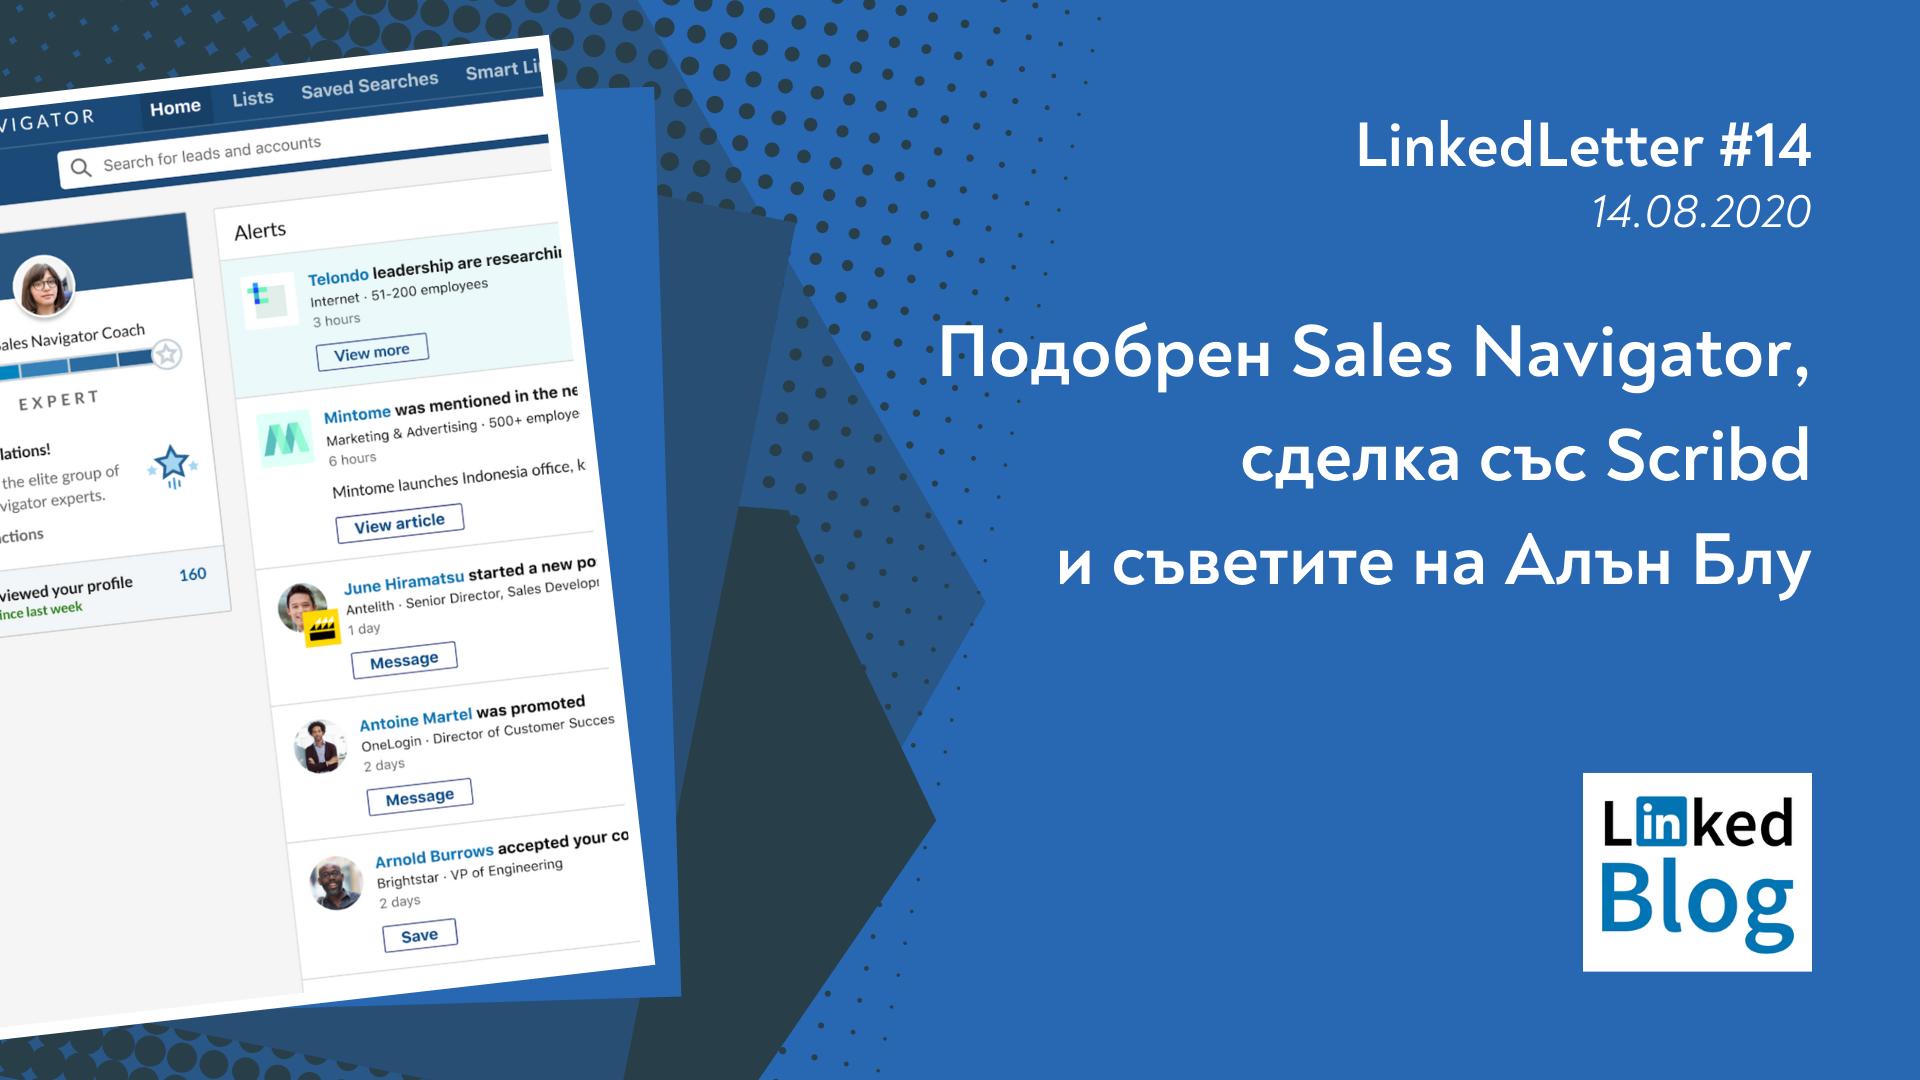 LinkedLetter 14 Cover Image